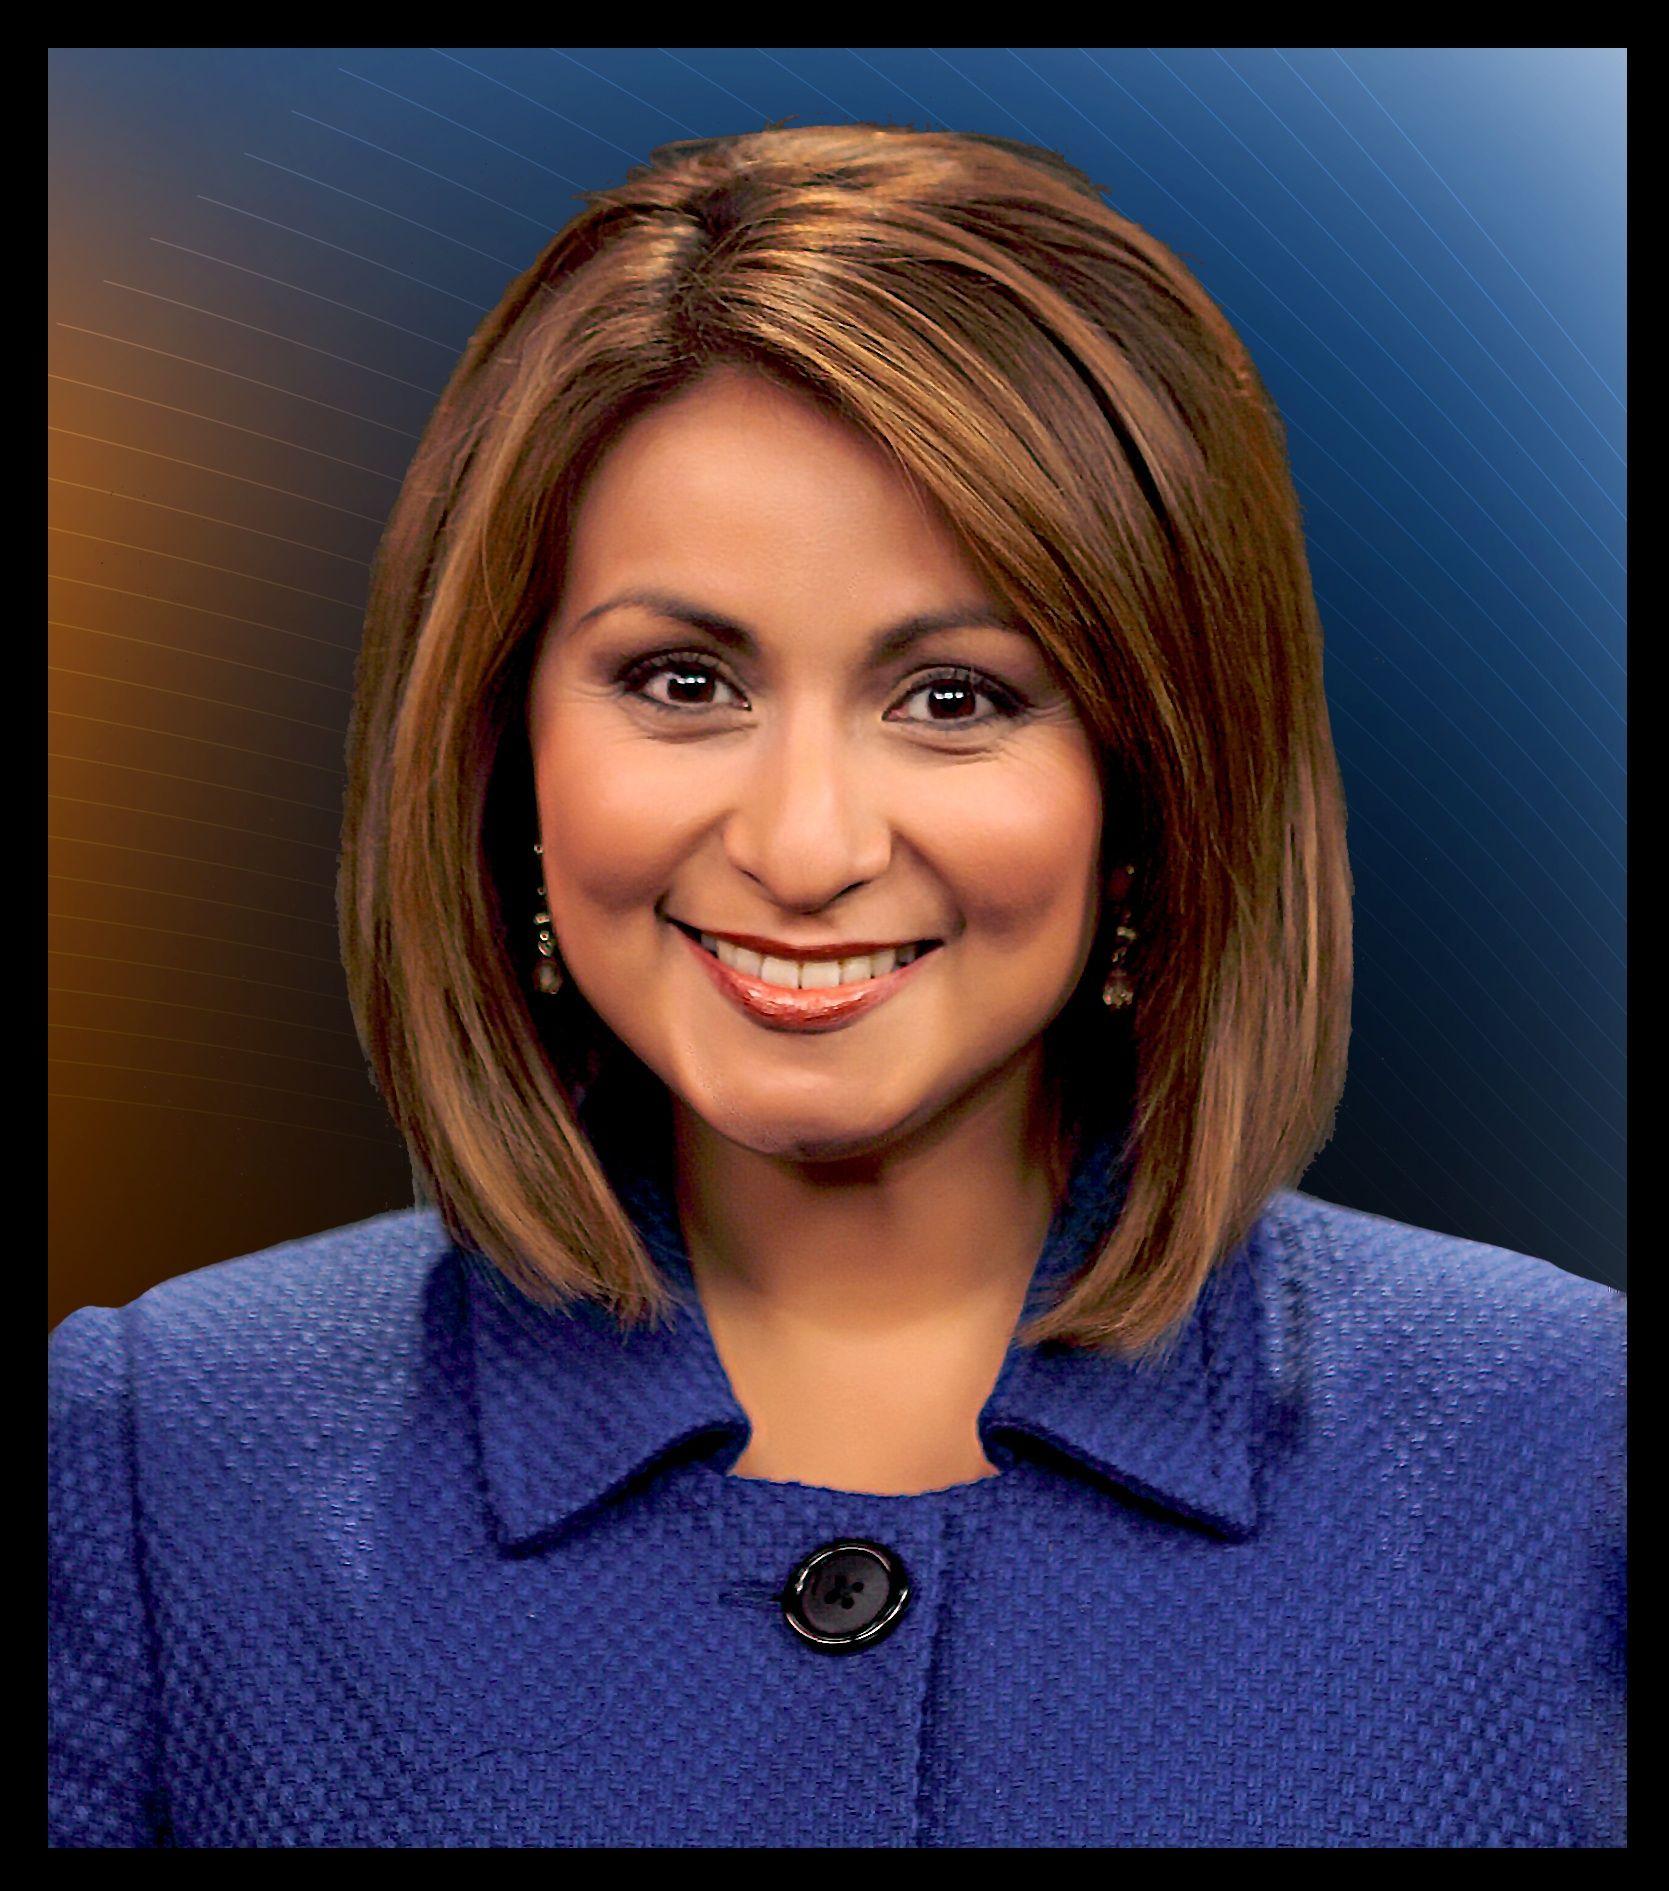 Liz Gonzalez Kmph Fox 26 Fresno Ca News Casters Female